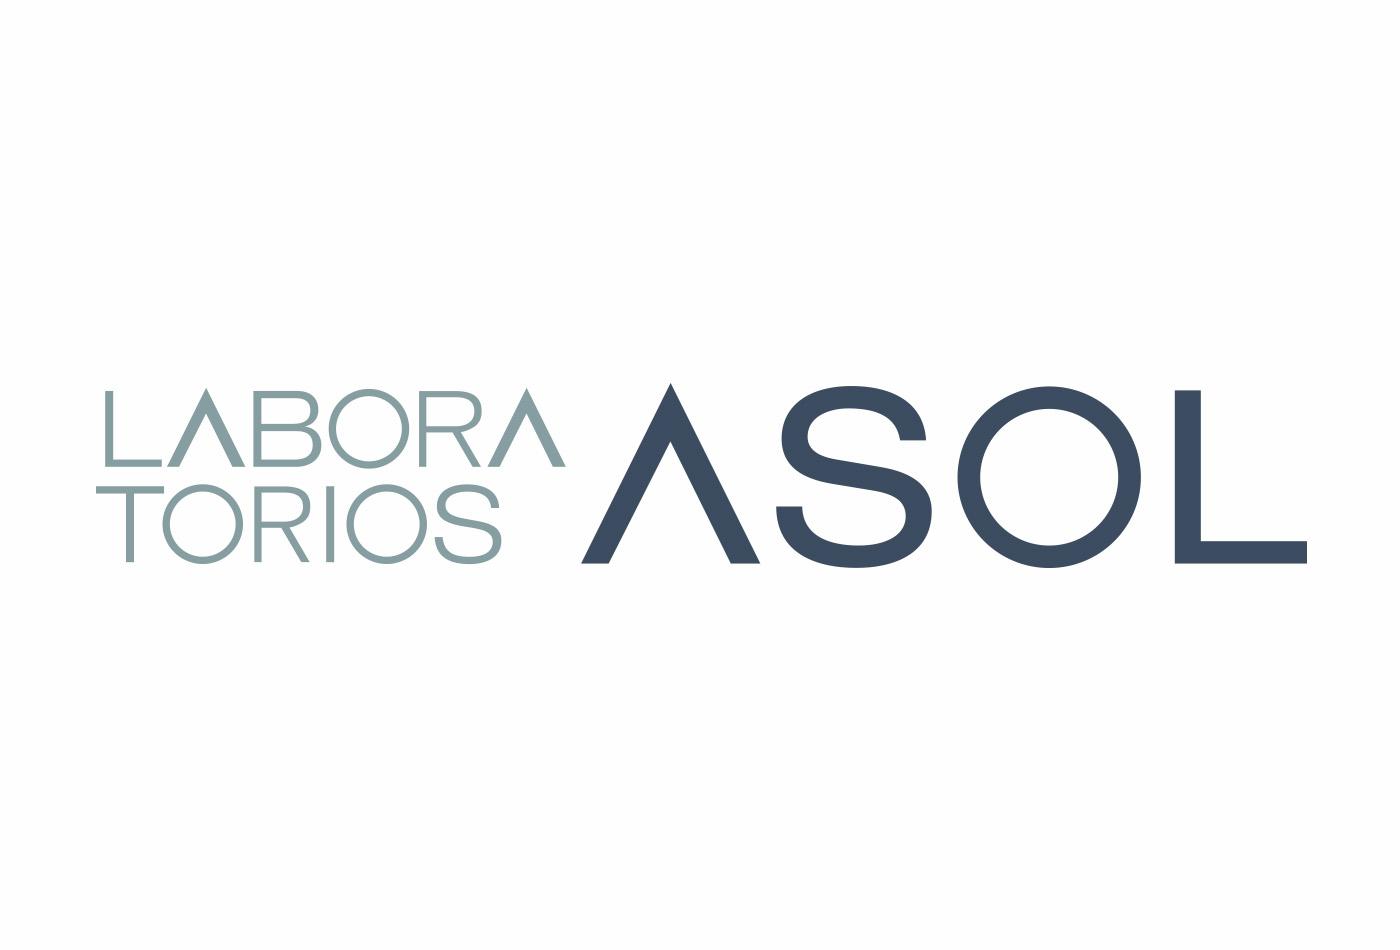 logotipo-laboratorios-asol